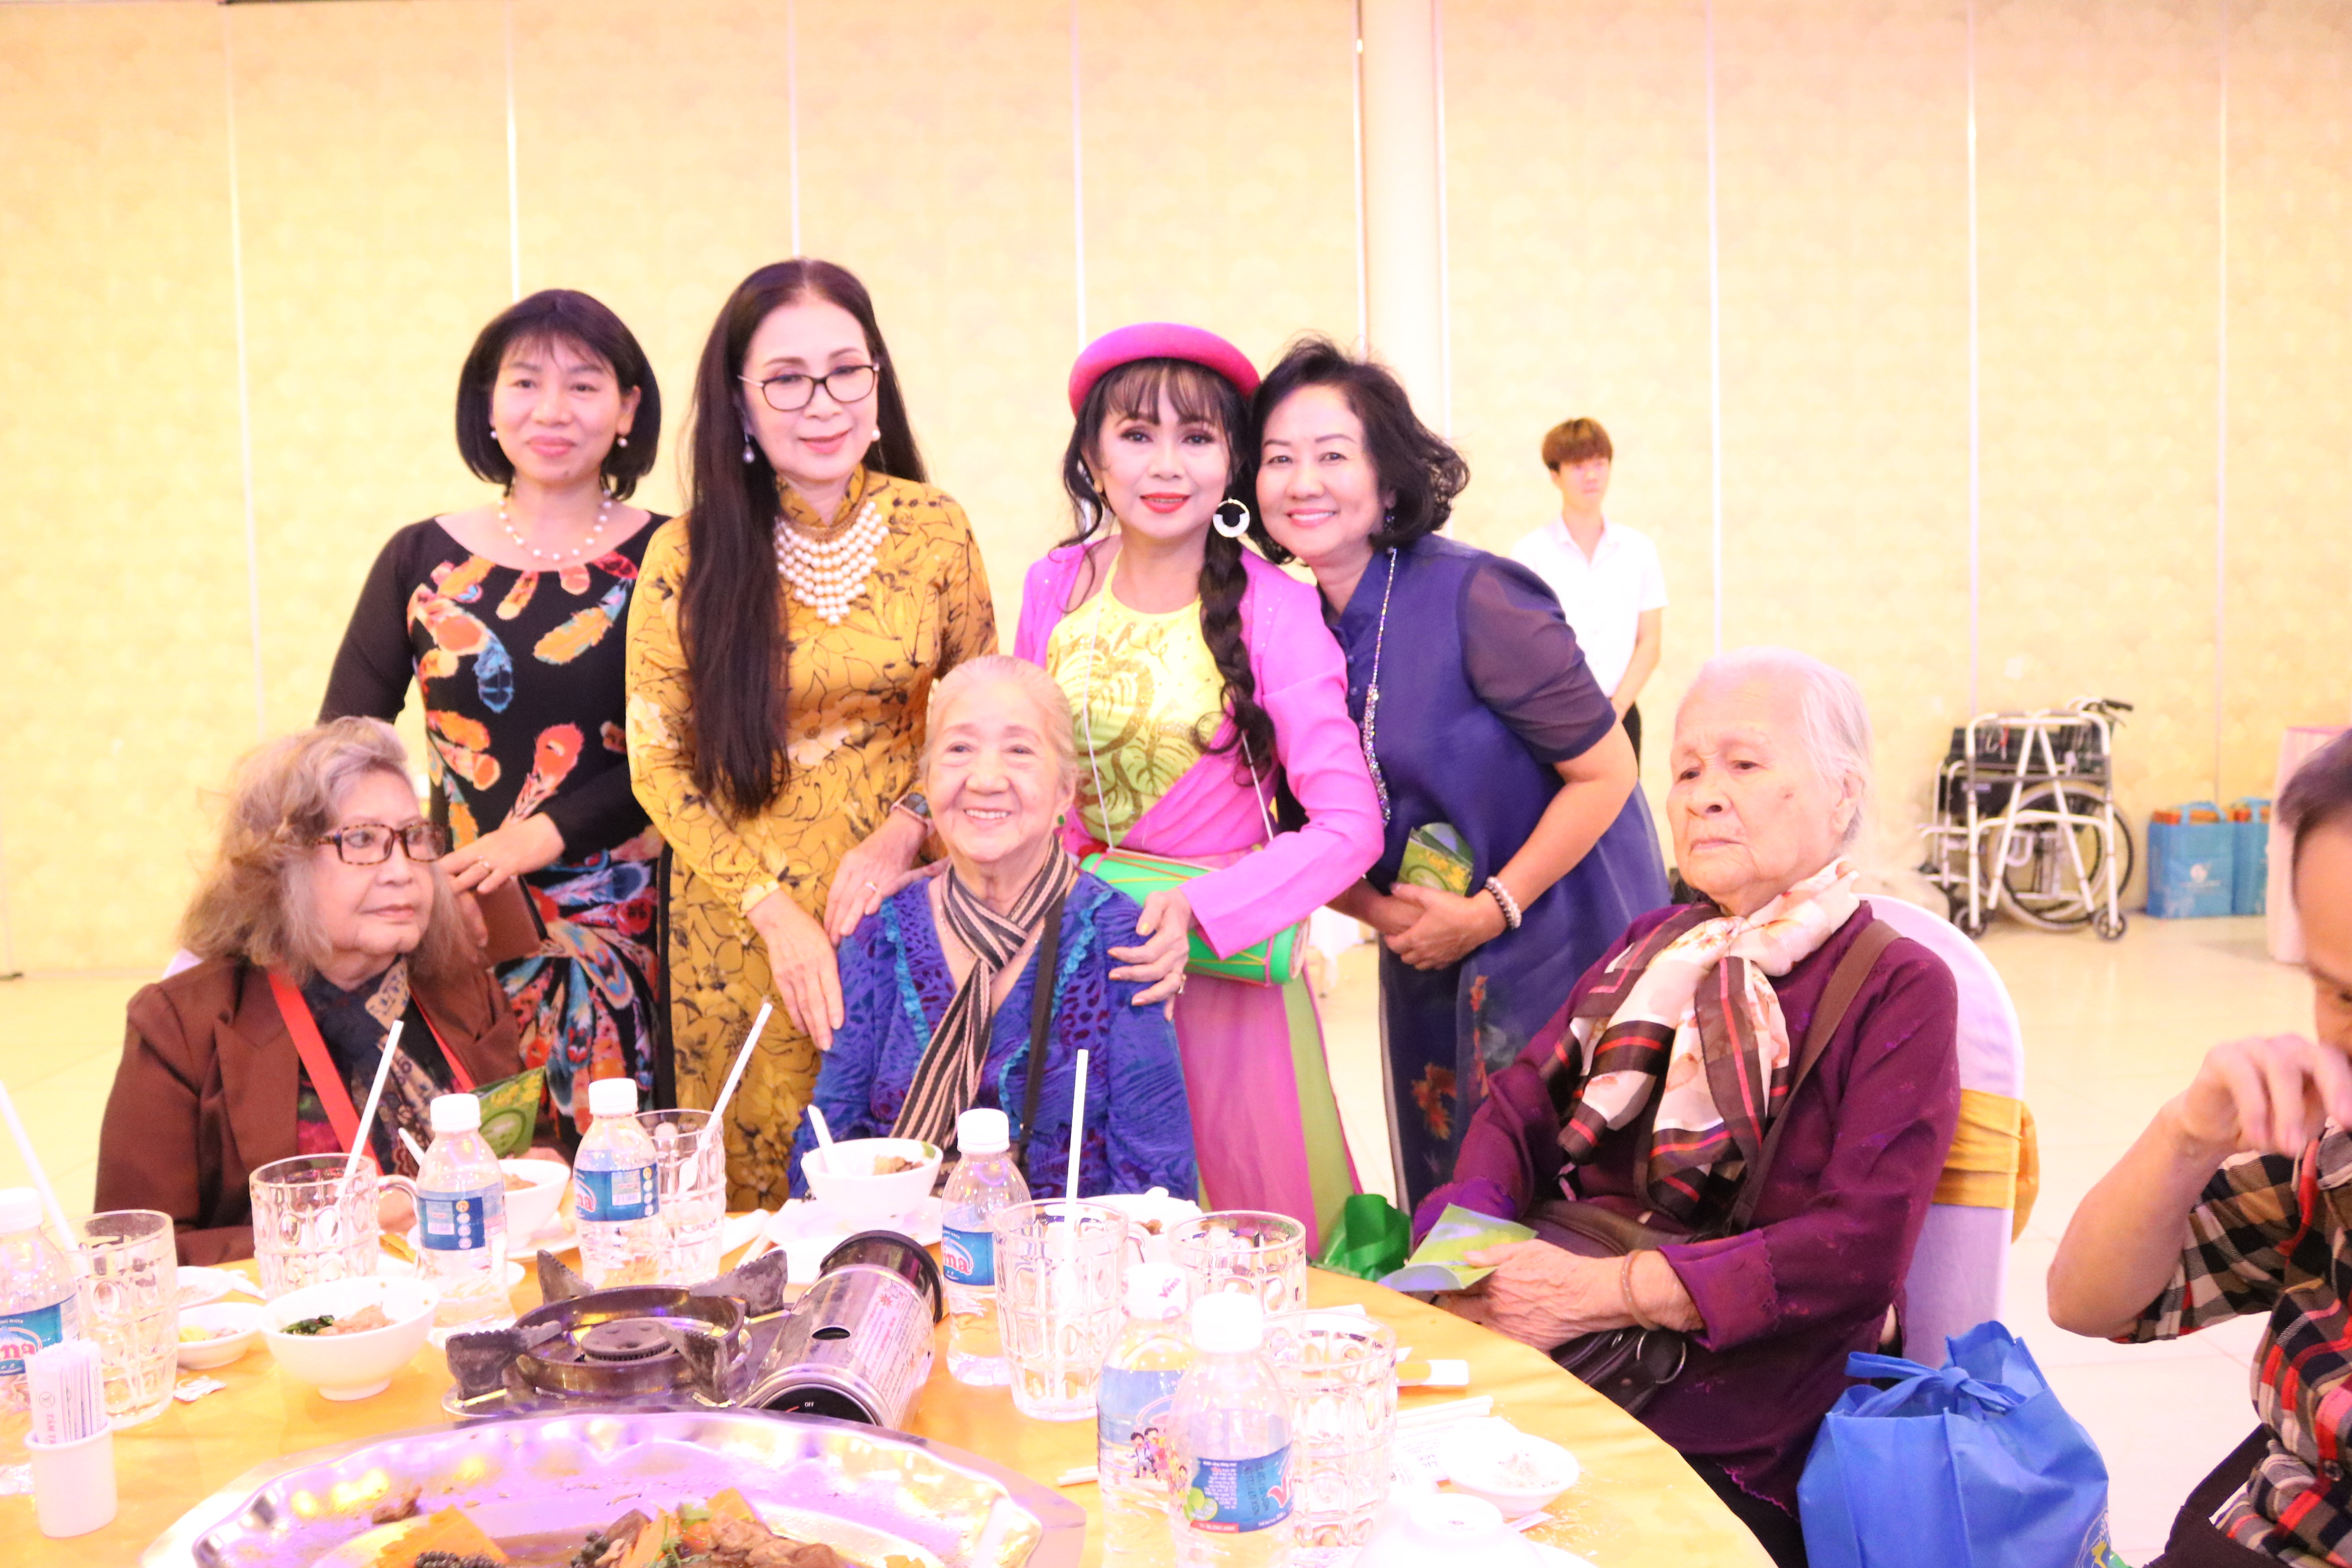 Bà Trần Thị Phương Hoa (bìa trái, hàng sau) - Phó chủ tịch Hội LHPN TP.HCM và NDND Kim Xuân cùng các nghệ sỹ trẻ đến hỏi thăm sức khỏe các lão nghệ sỹ.